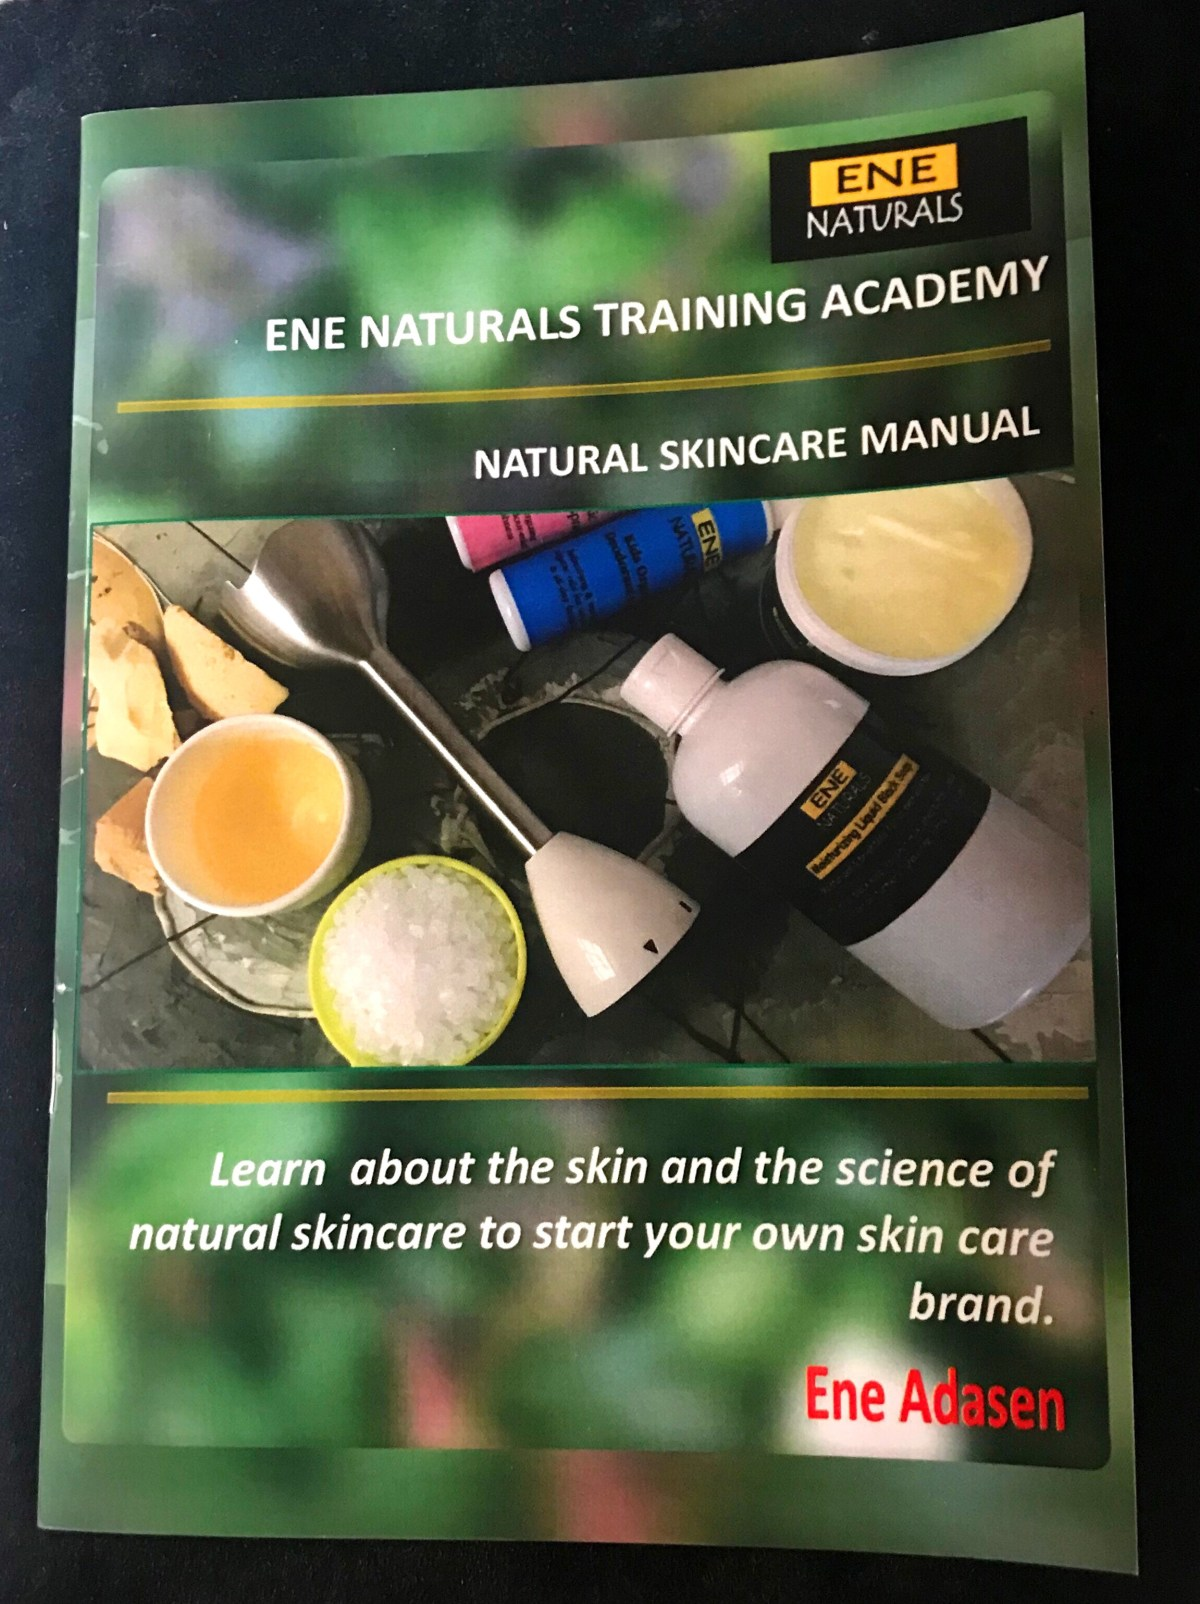 Natural skincare manual